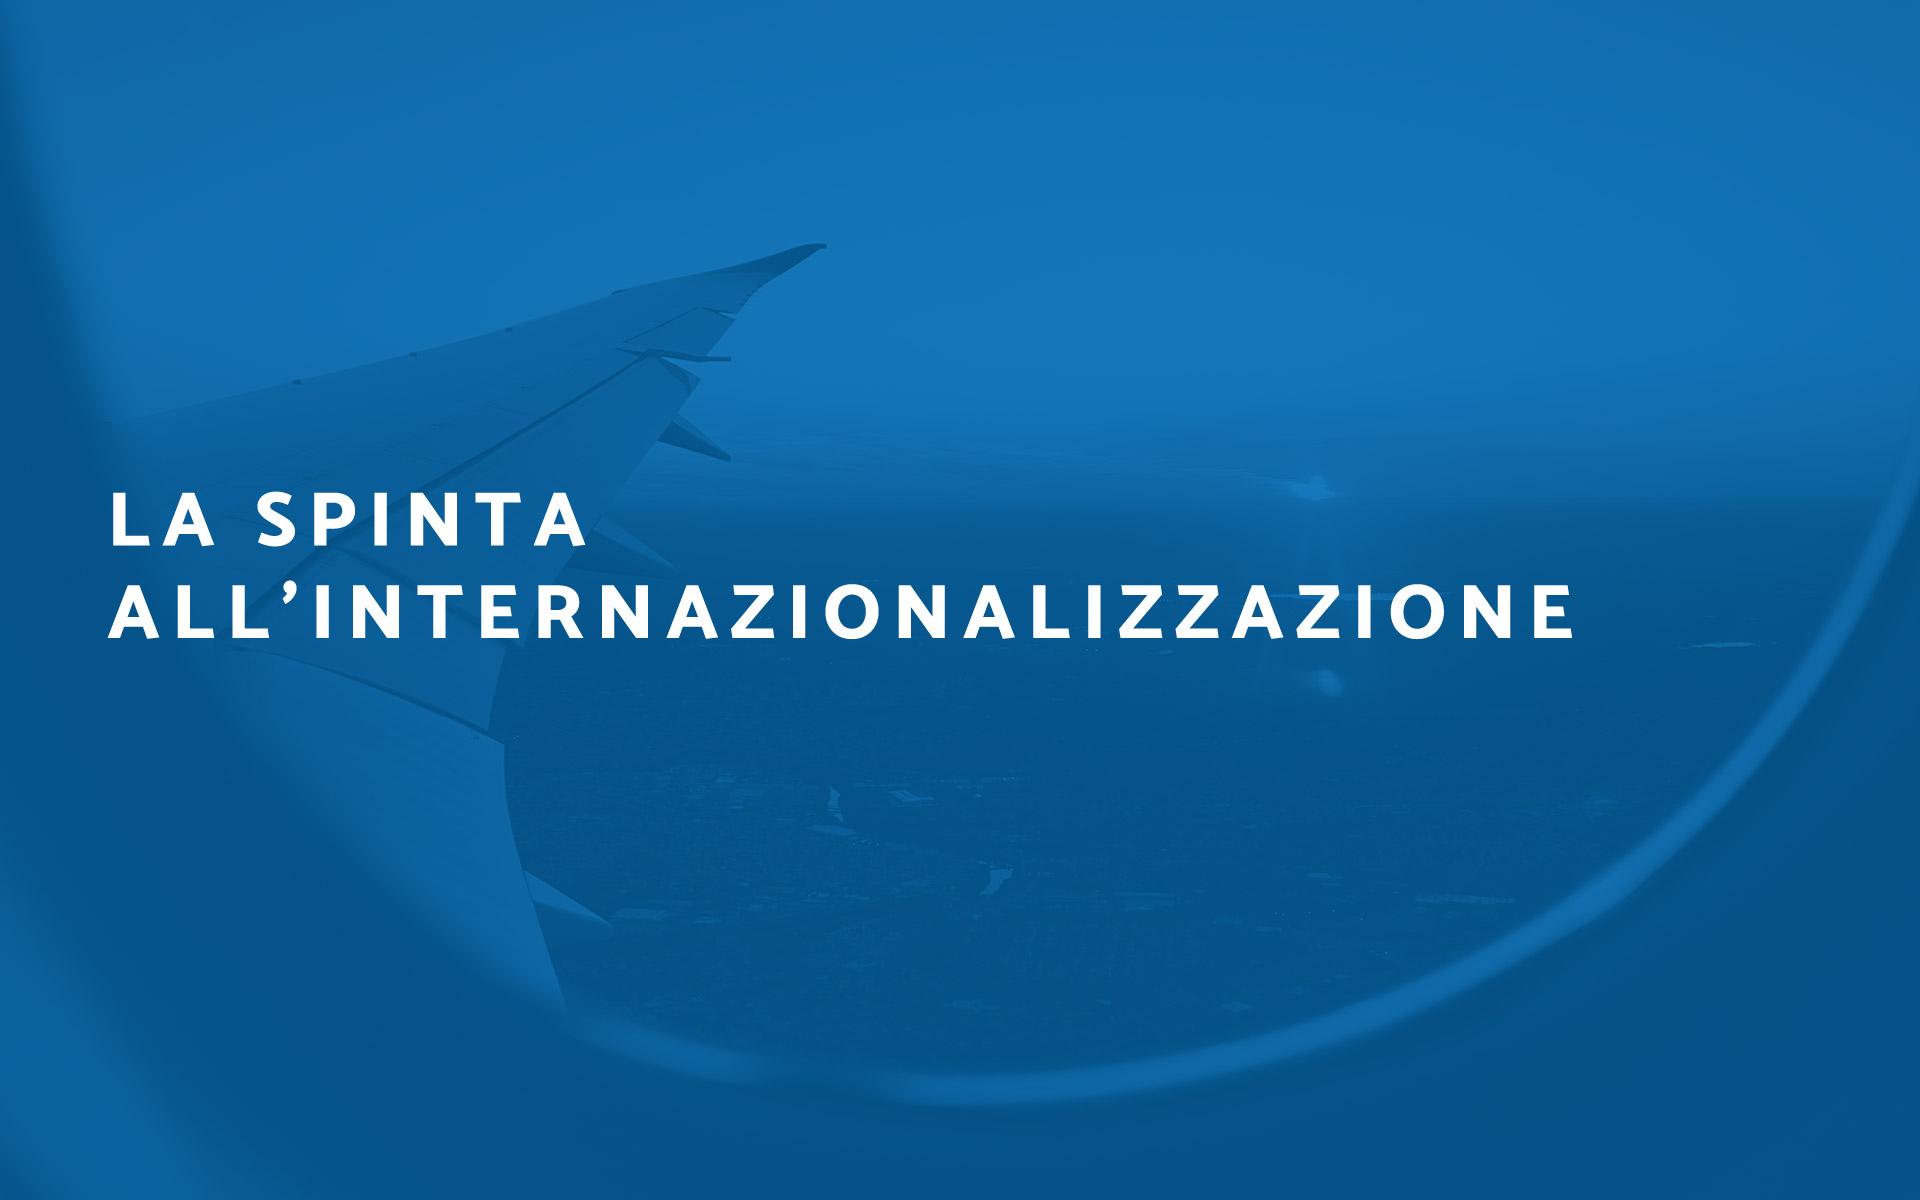 Spinta internazionalizzazione